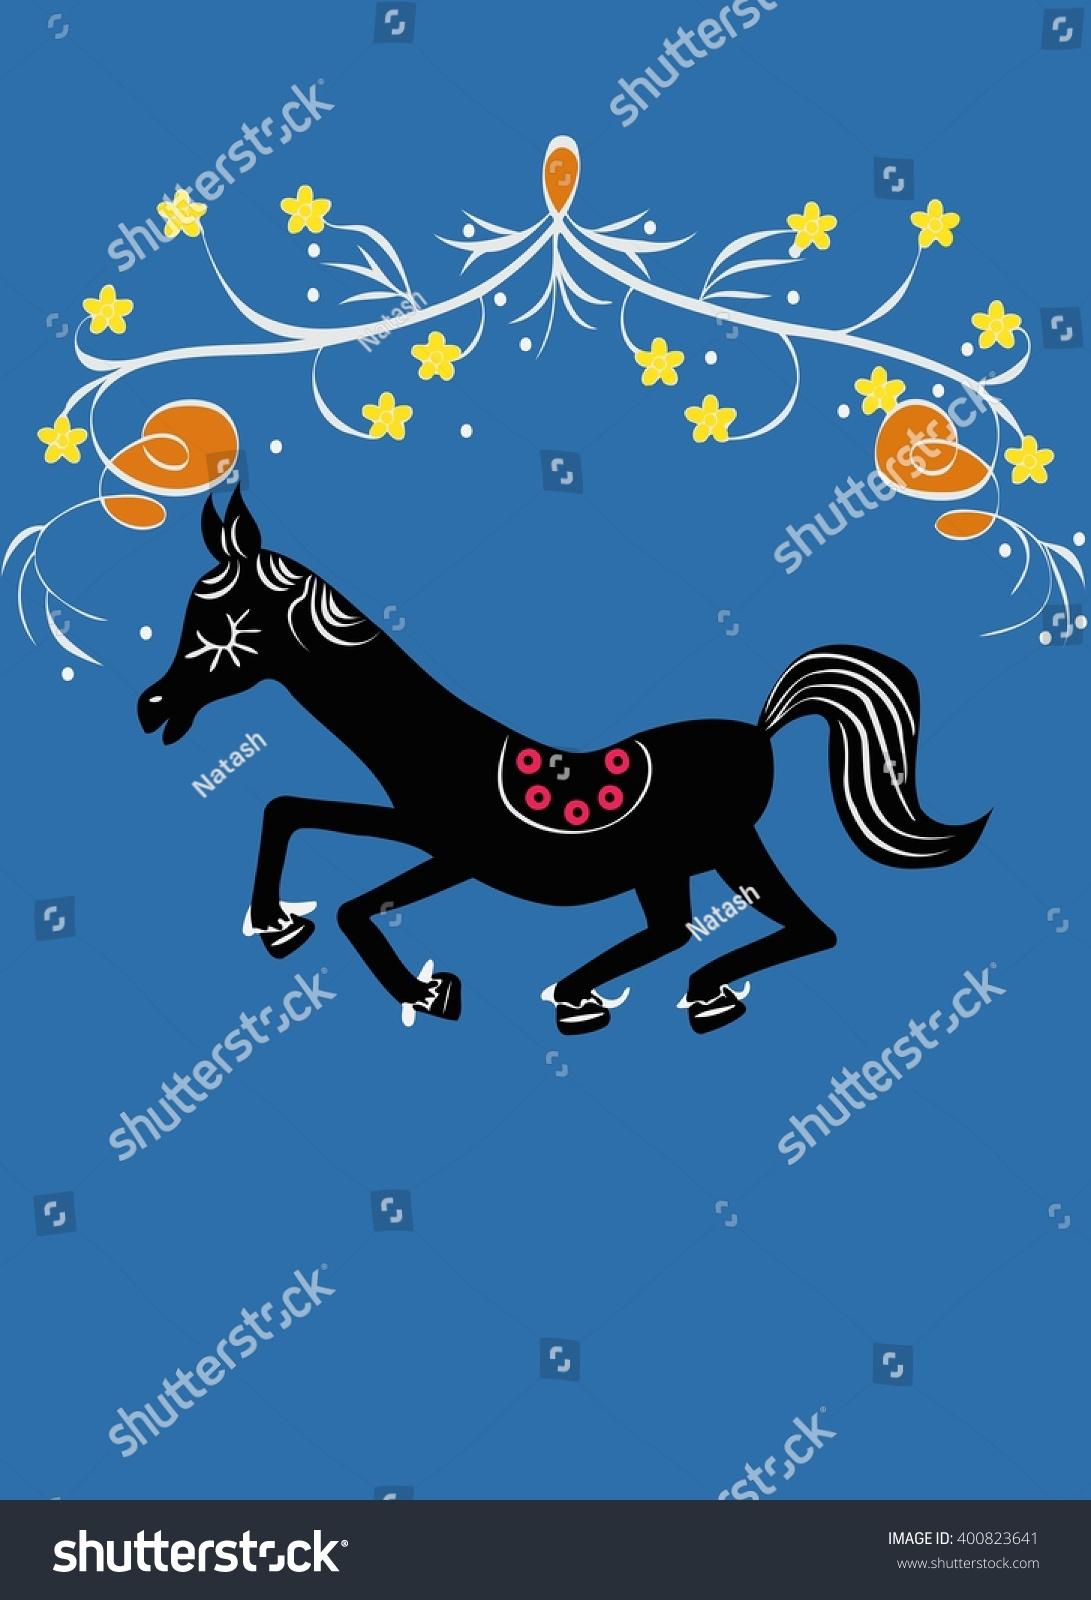 Vector De Stock Libre De Regalias Sobre Black Horse On Abstract Fantasy Background400823641